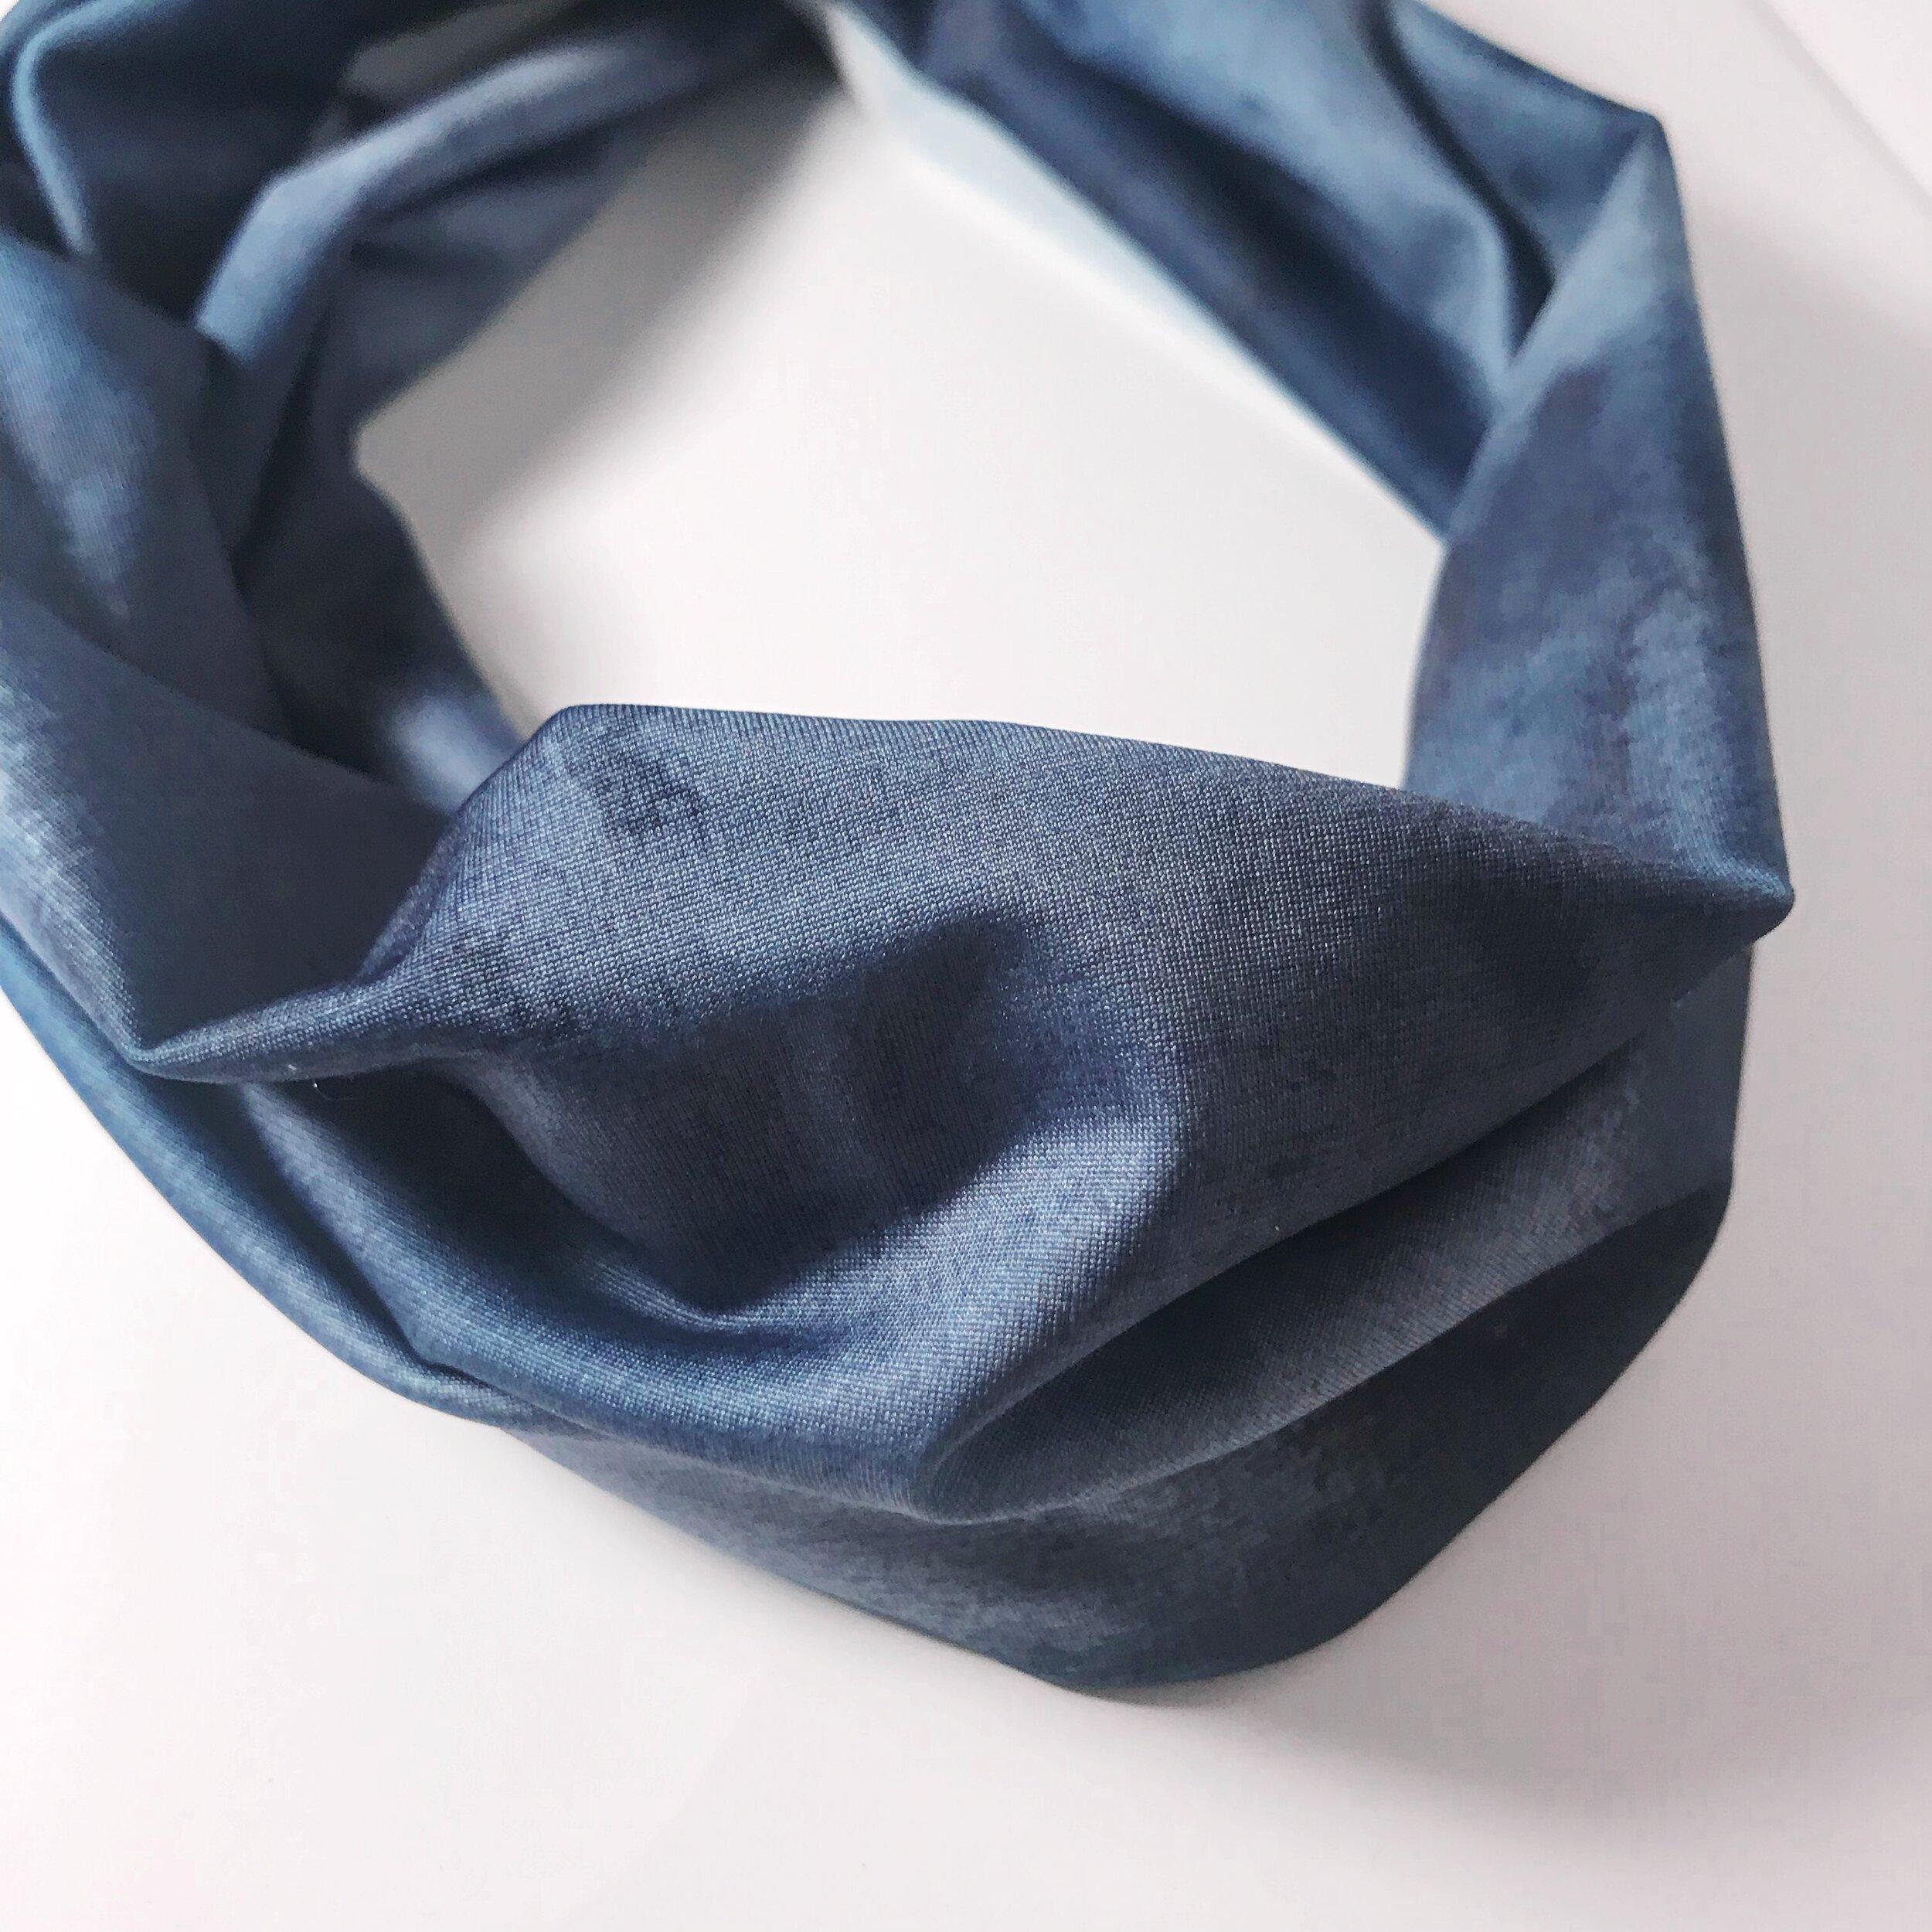 Joyfire-Moonlight-Headband-Folded.JPG